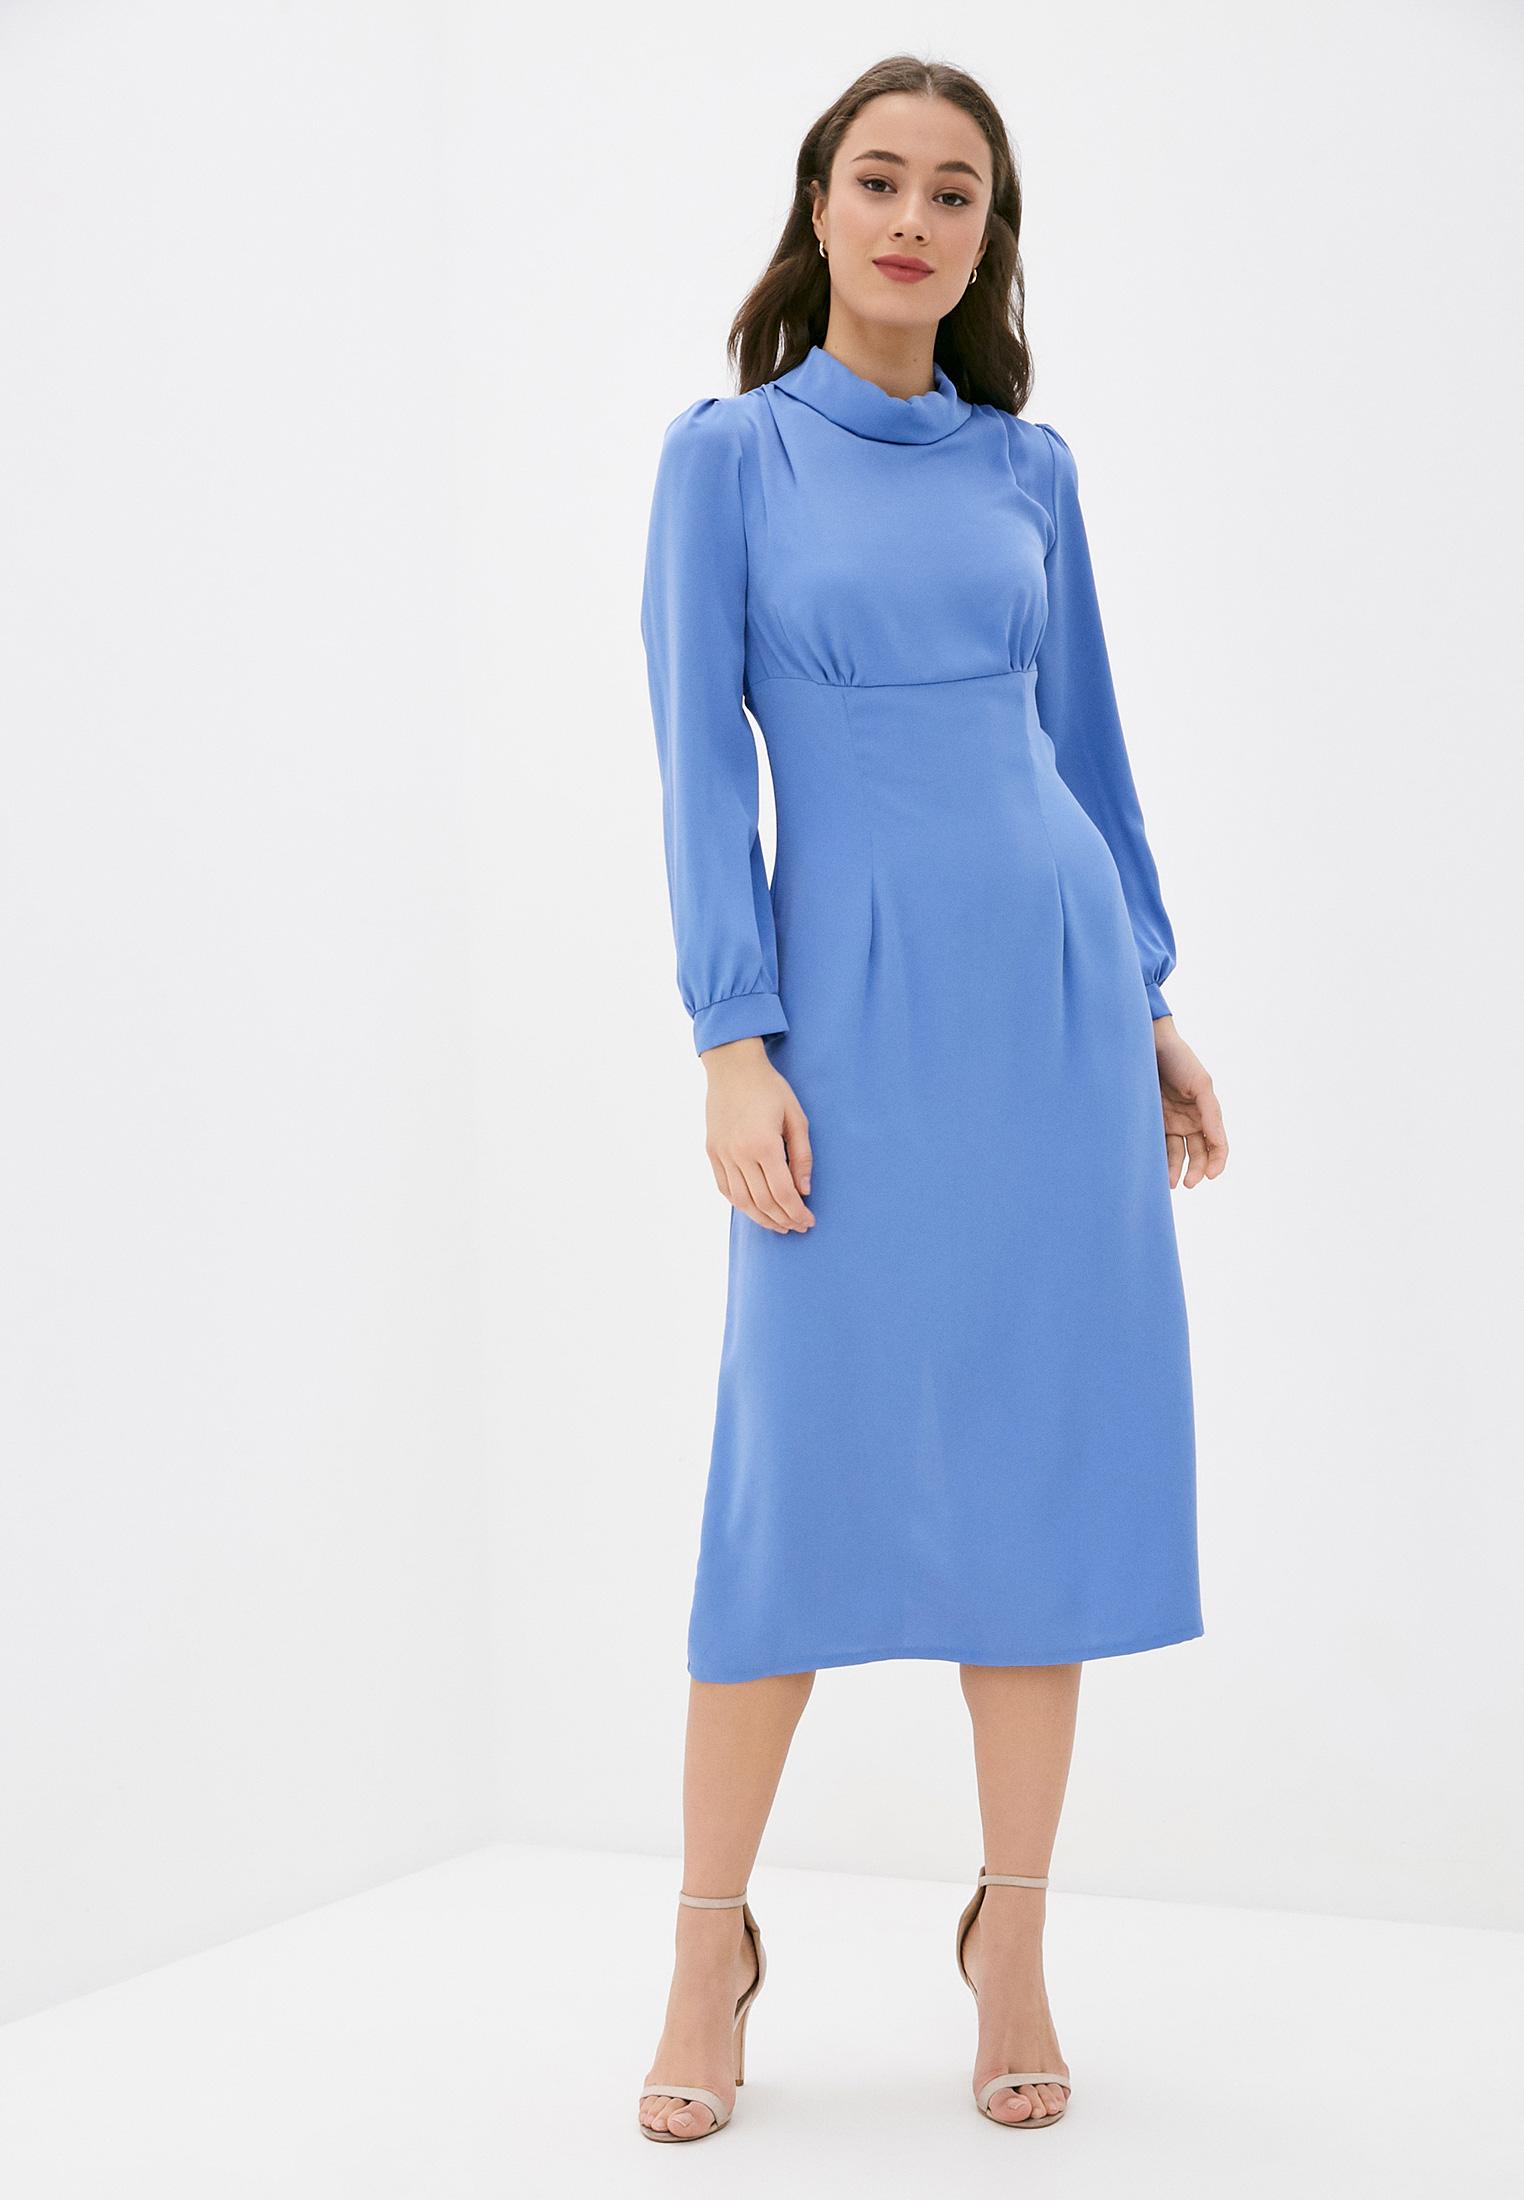 Платье Dunia DU21-08-2